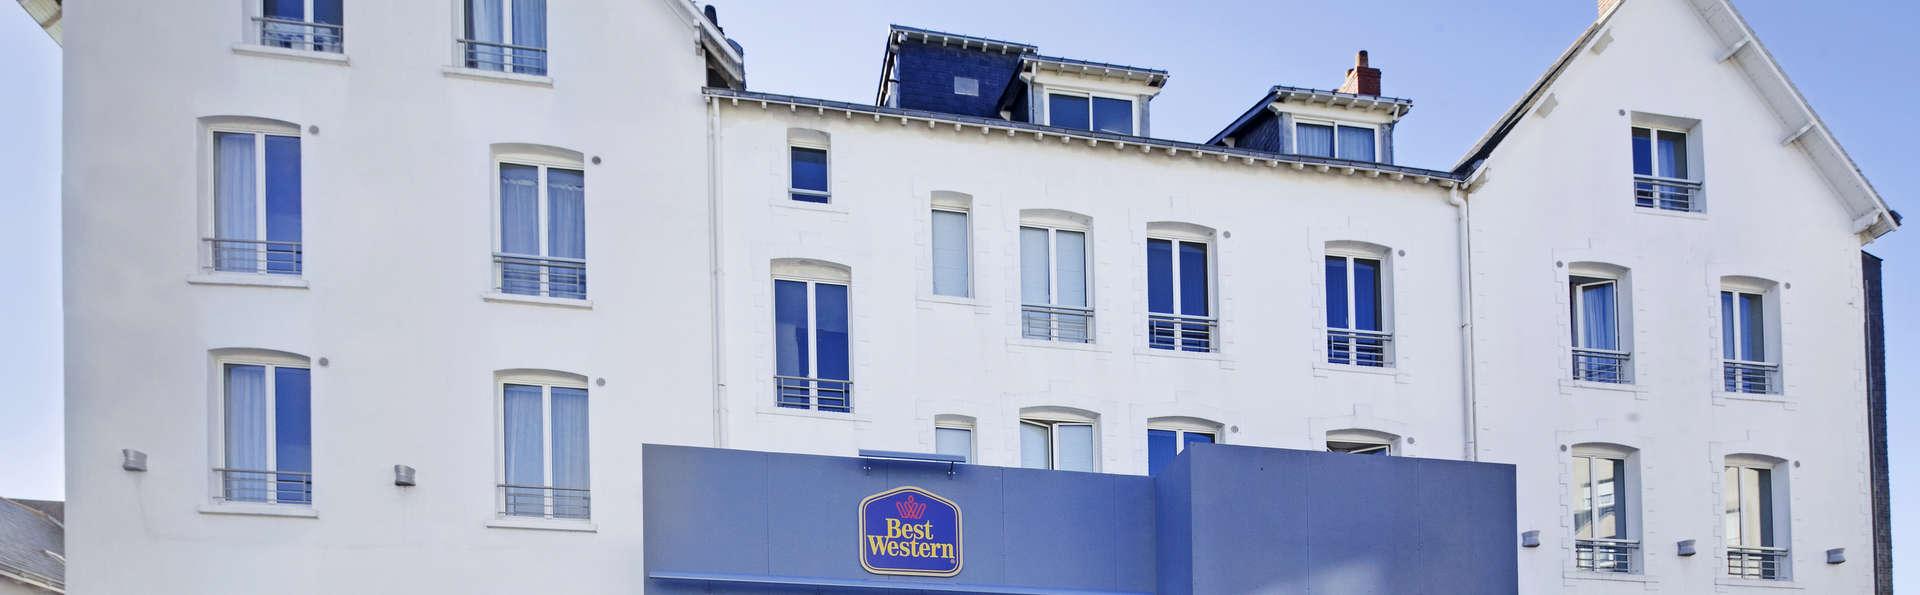 Best Western Hôtel de la Plage - 635_hotel_de_la_plage_20120127_comm__facade_010_r.jpg